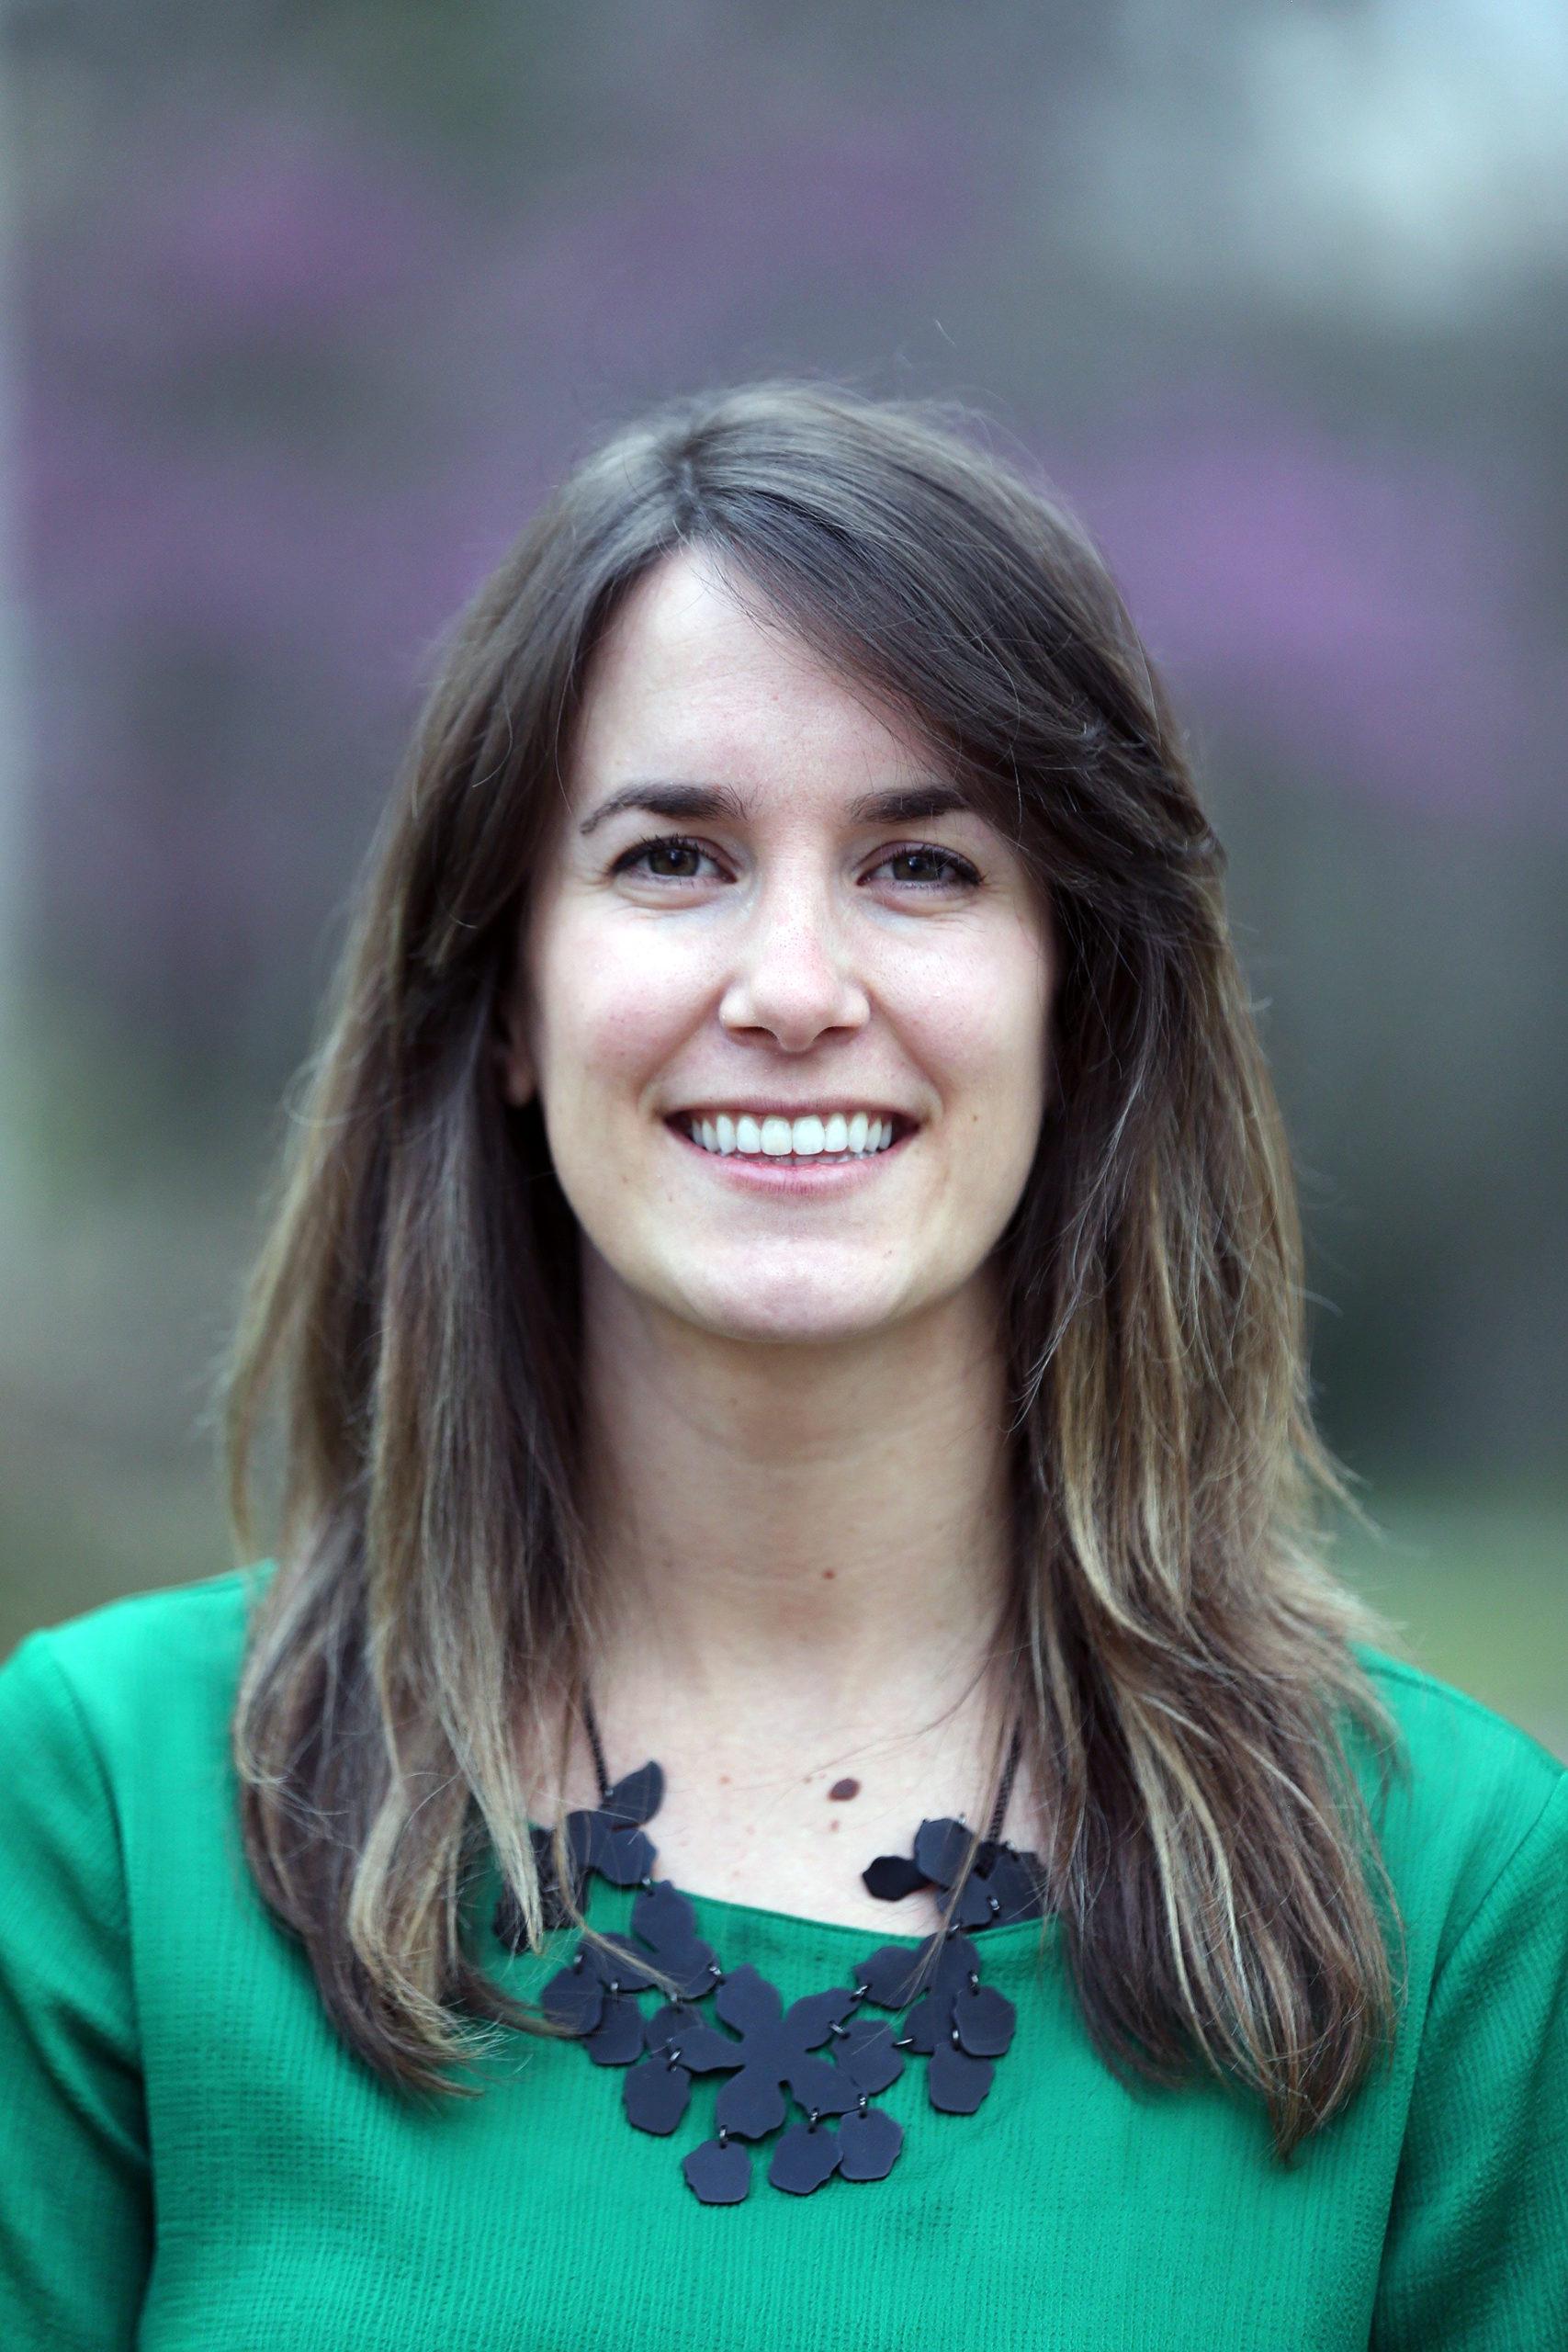 Jocelyn Dantini Roche